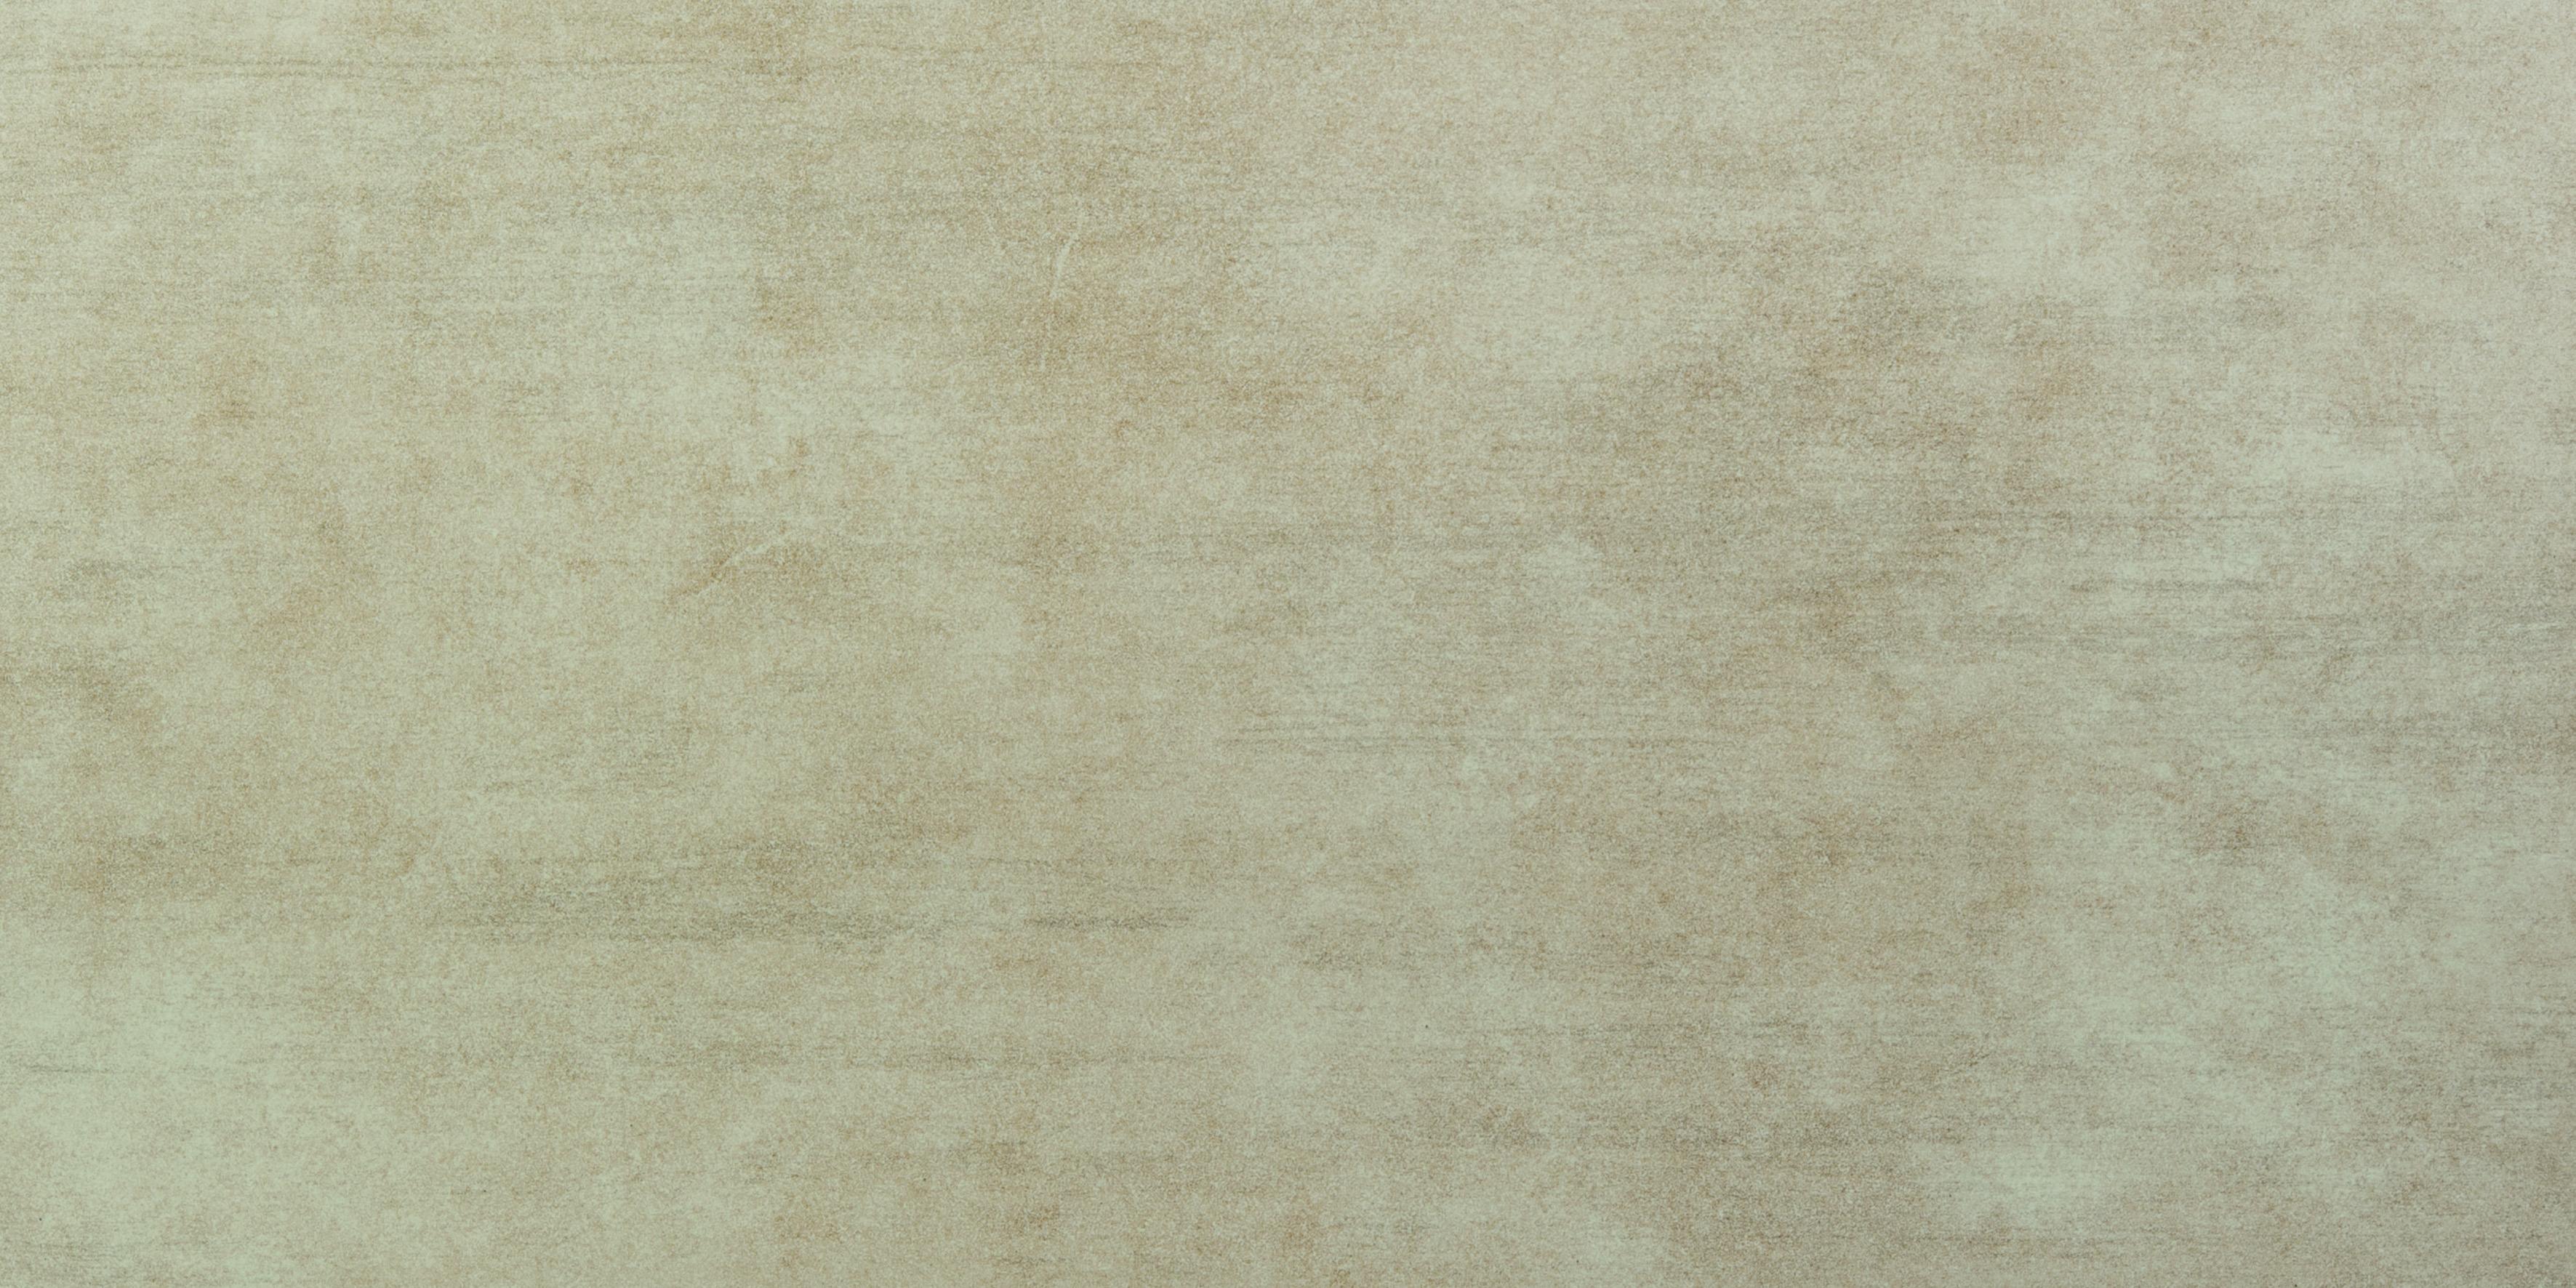 Agrob Buchtal Cedra Boden  SCHLAMM 433694 Bodenfliese  30x60 unglasiert